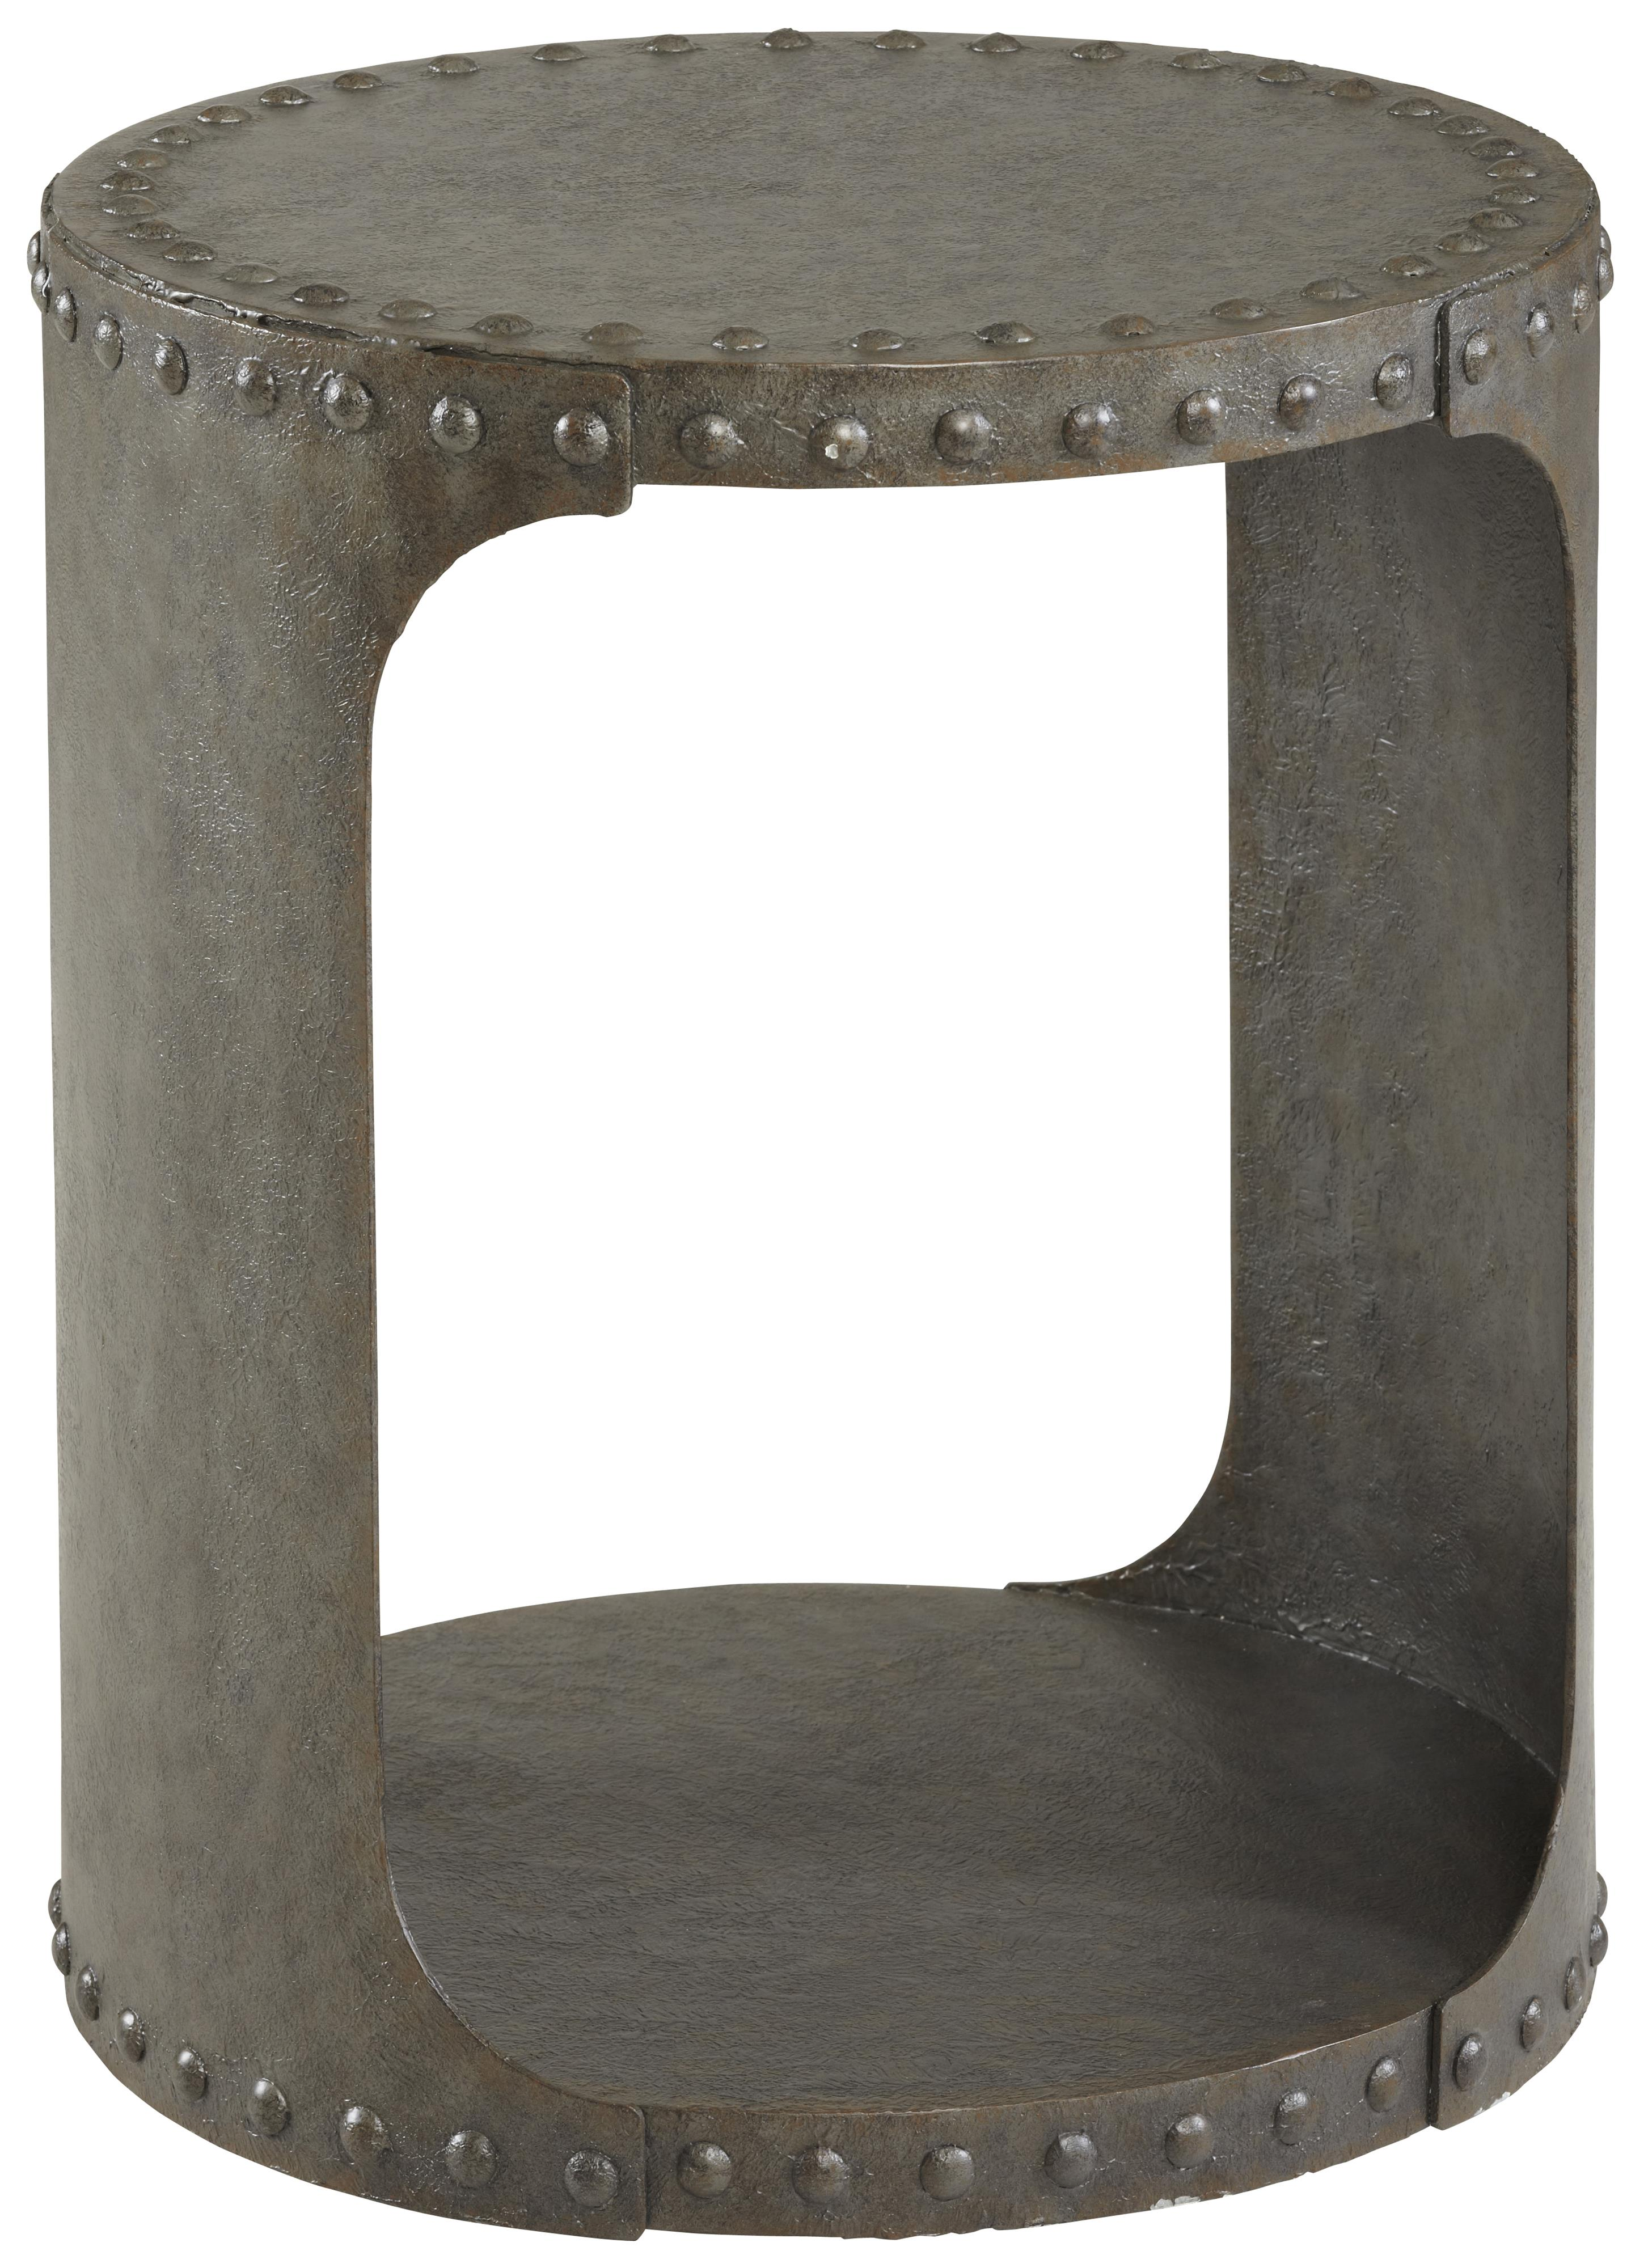 Belfort Signature Urban Treasures Shaw Metal End Table - Item Number: 223315-1218